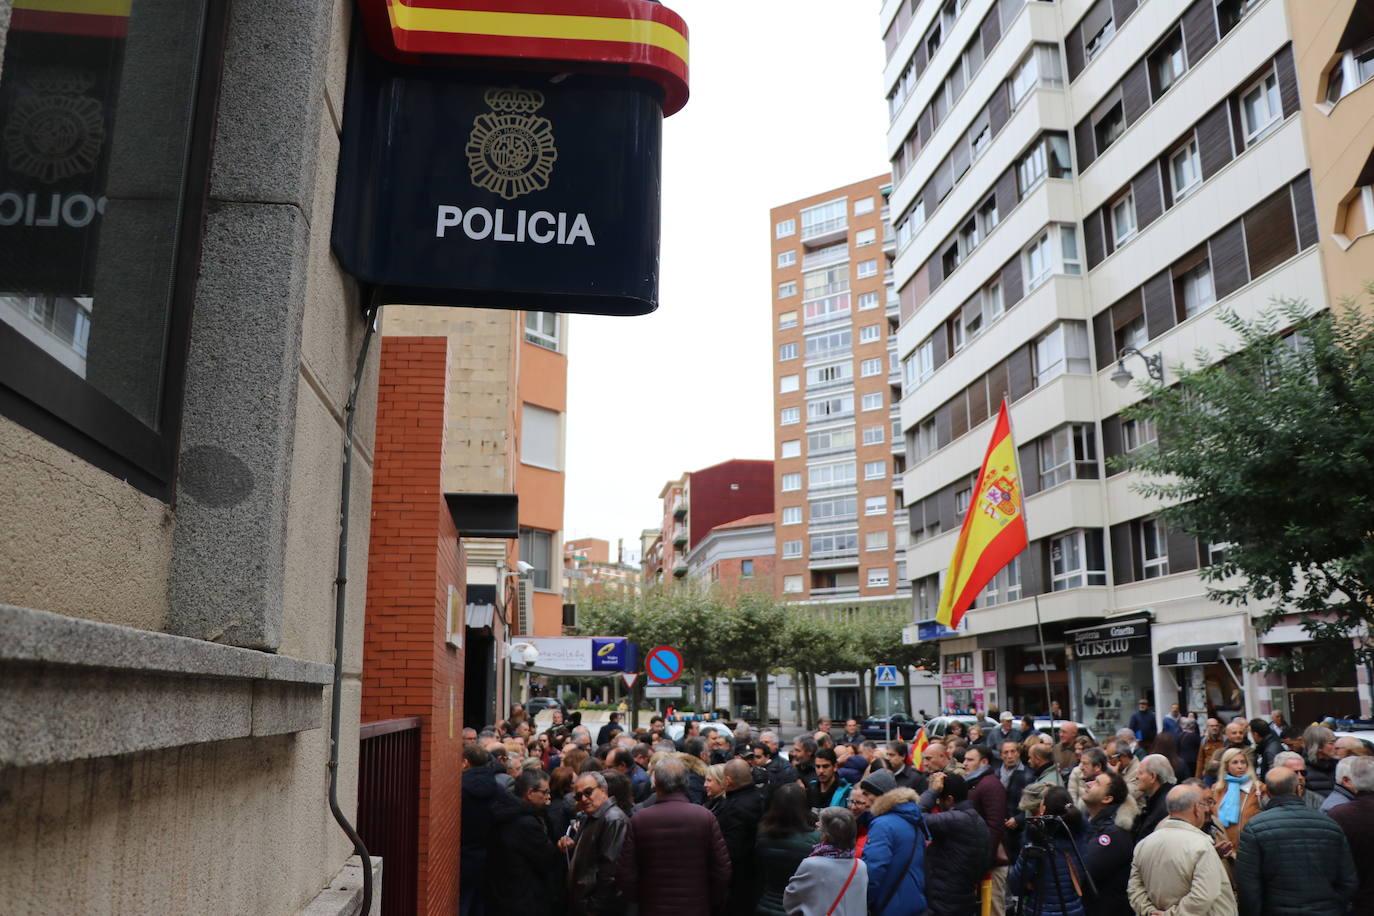 Concentración en León en apoyo a los miembros de la Policía Nacional desplegados en Cataluña